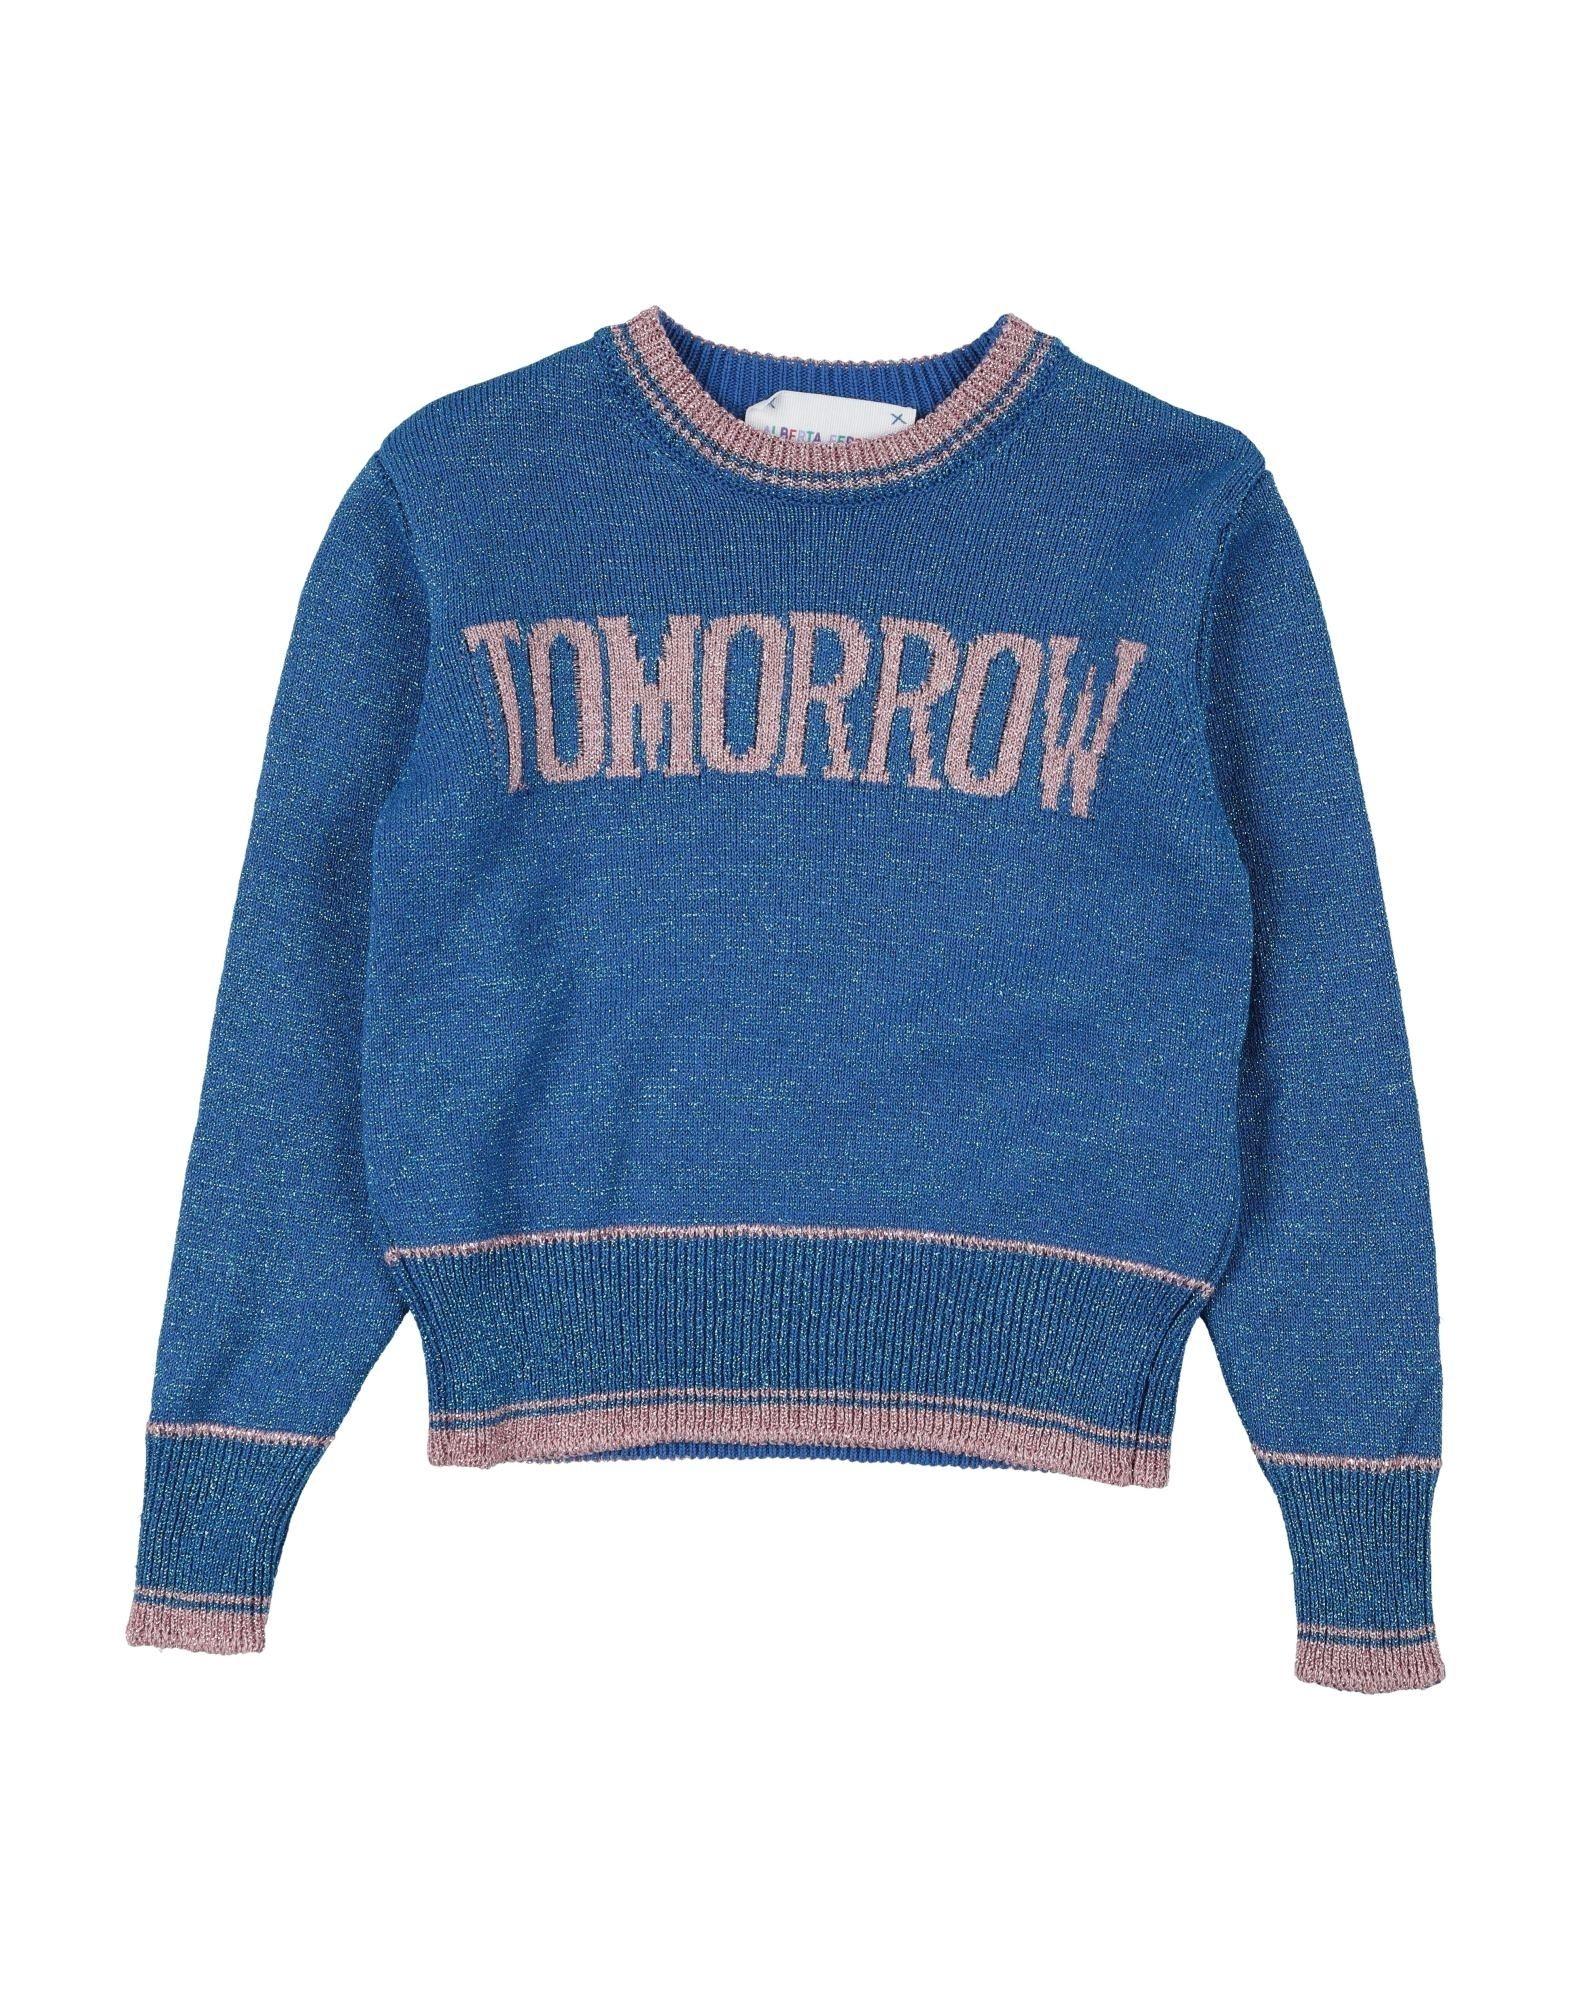 ALBERTA FERRETTI Sweaters - Item 14042651